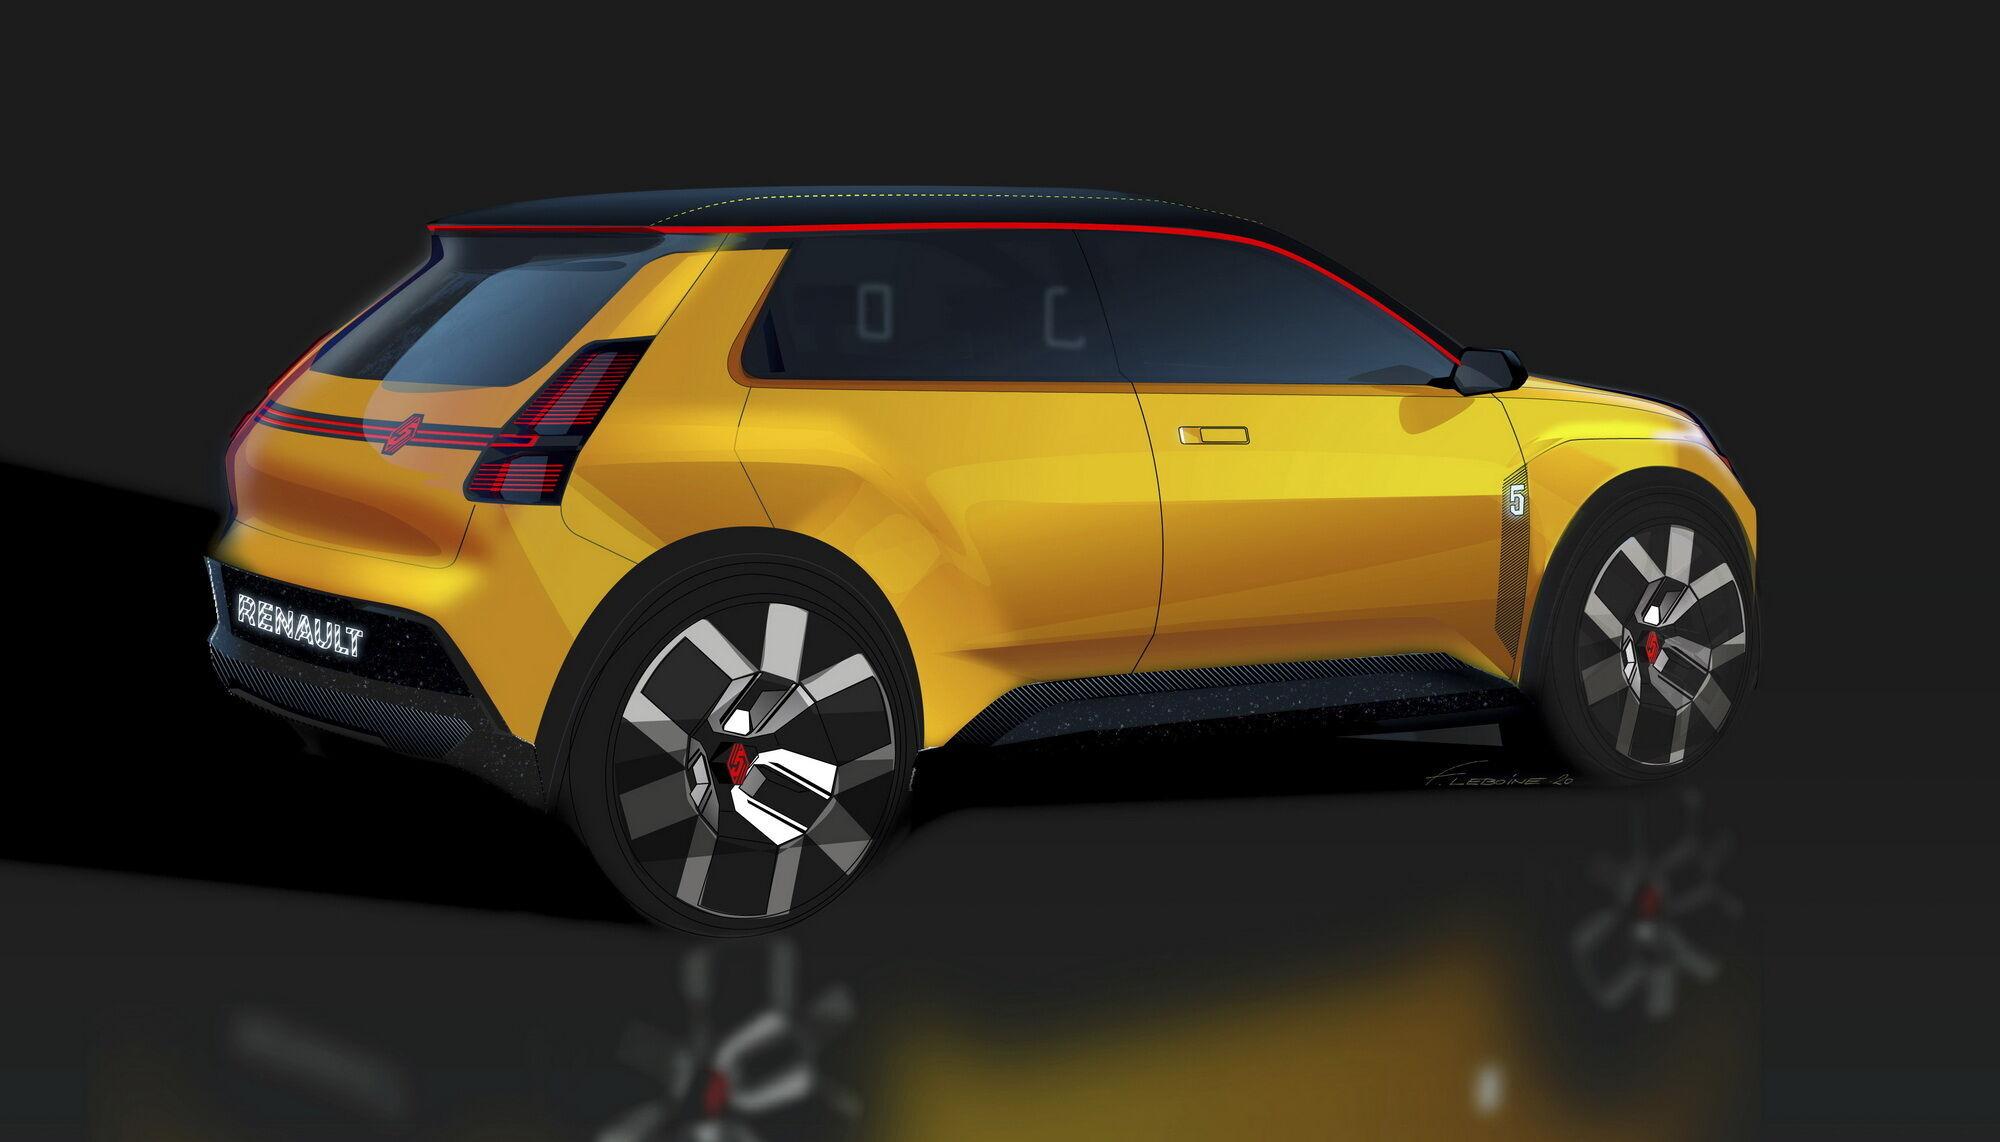 Концепт станет одной из 7 полностью электрических моделей компании Renault